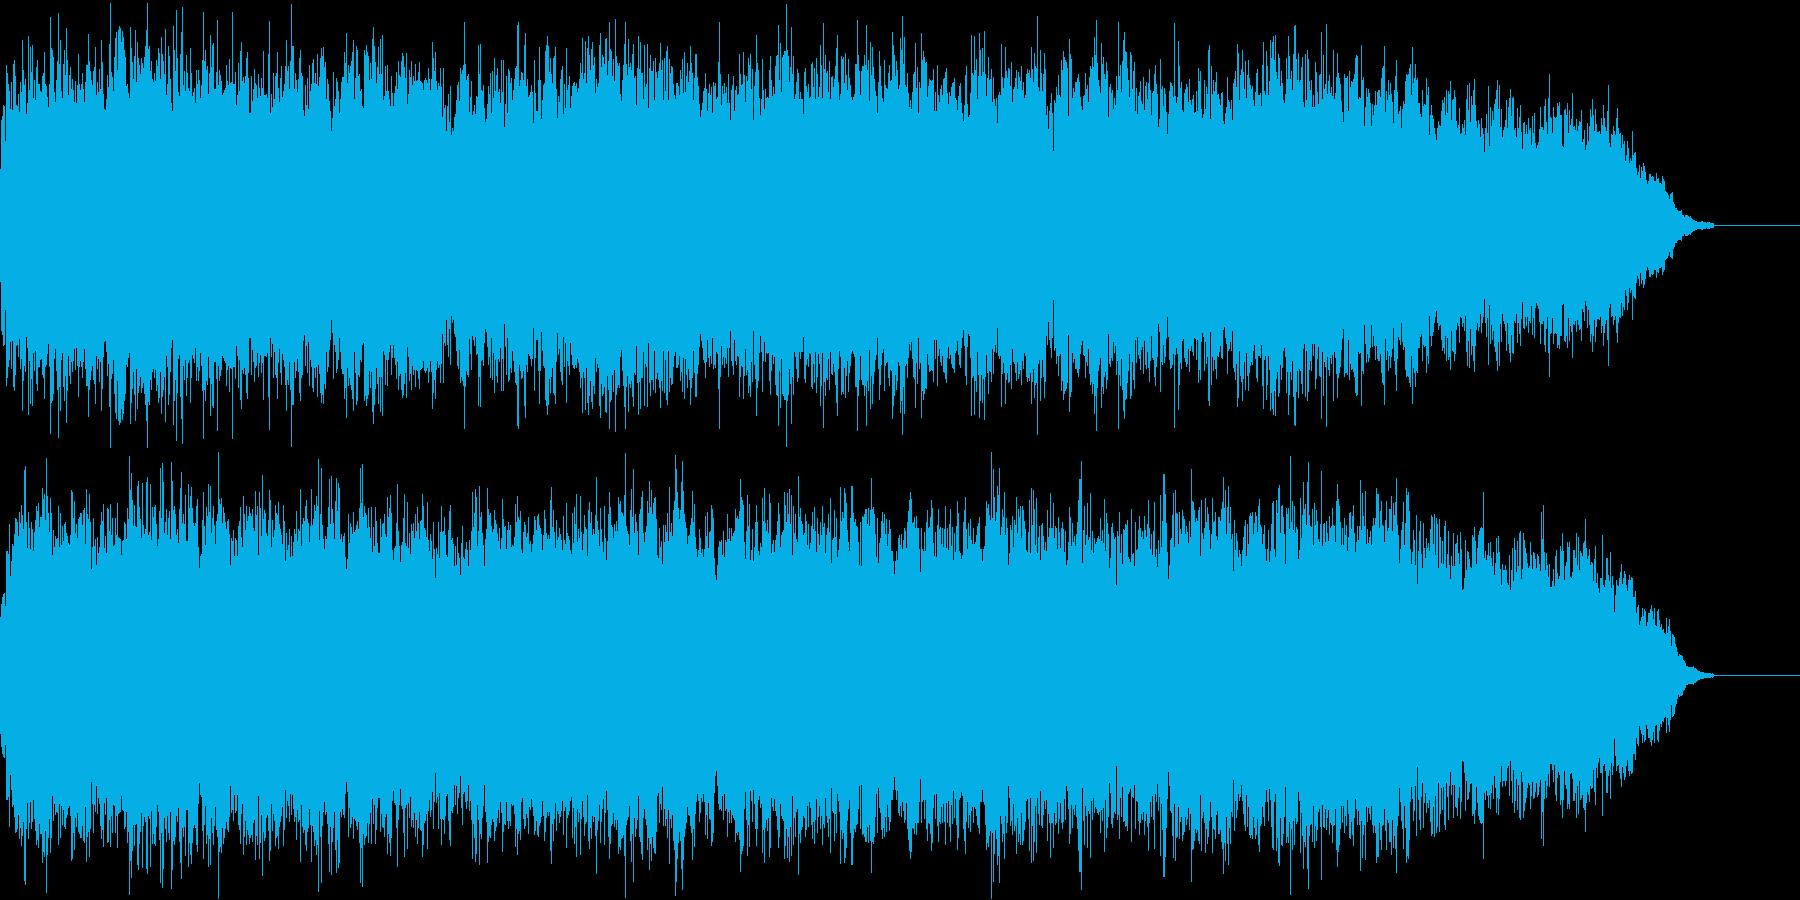 神秘的でホラーチックな場面の曲の再生済みの波形